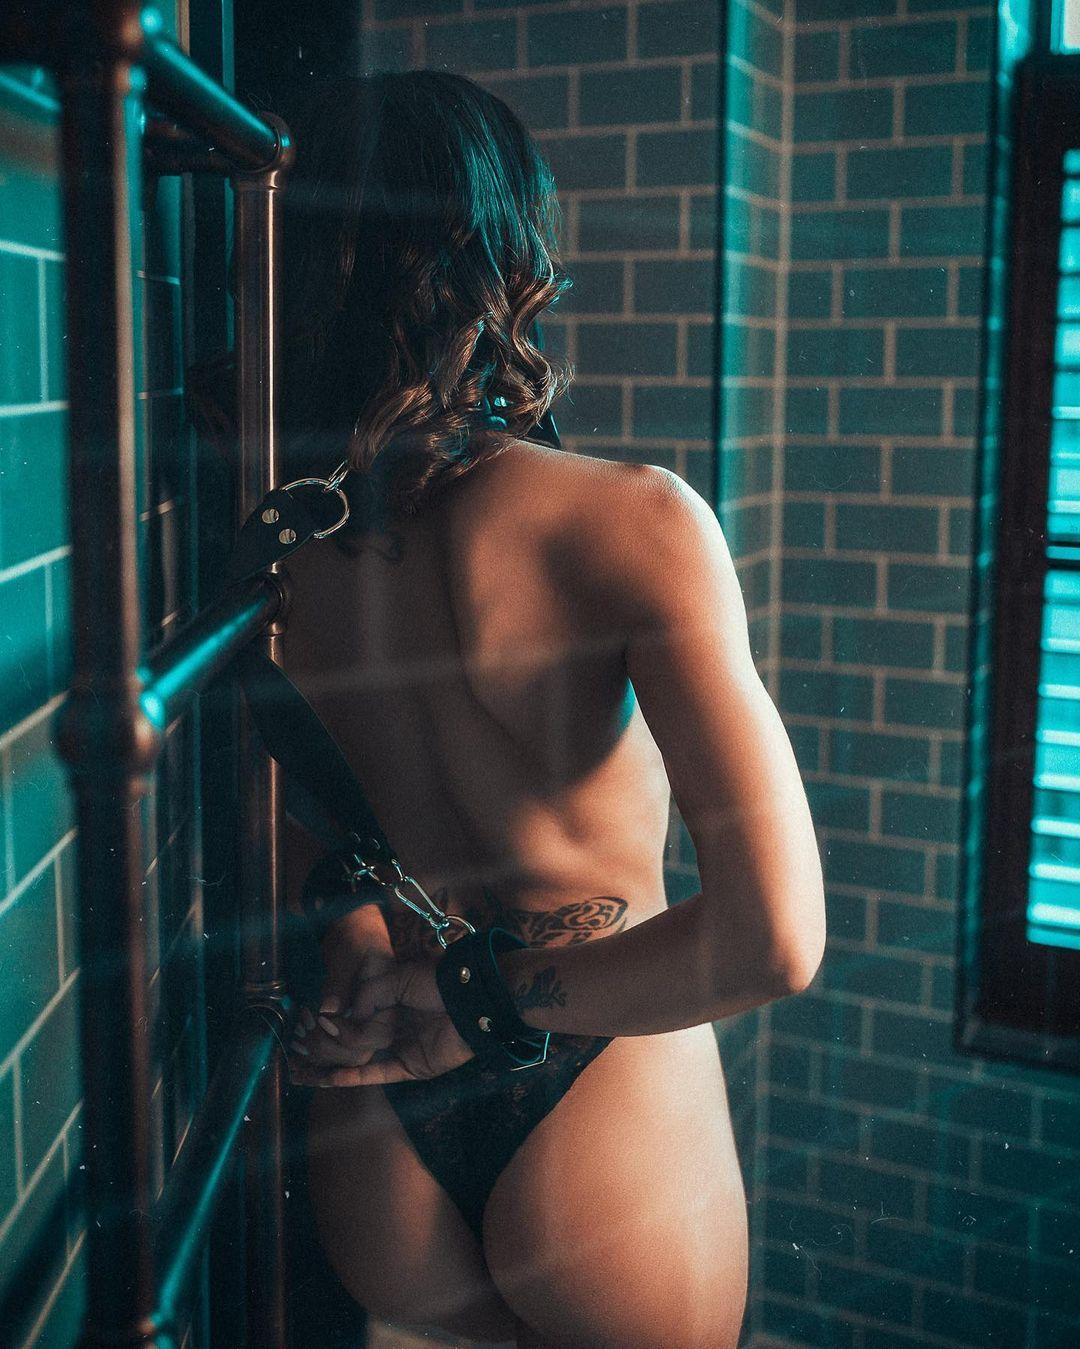 Альтернативная мода на ярких снимках Адама Кроу